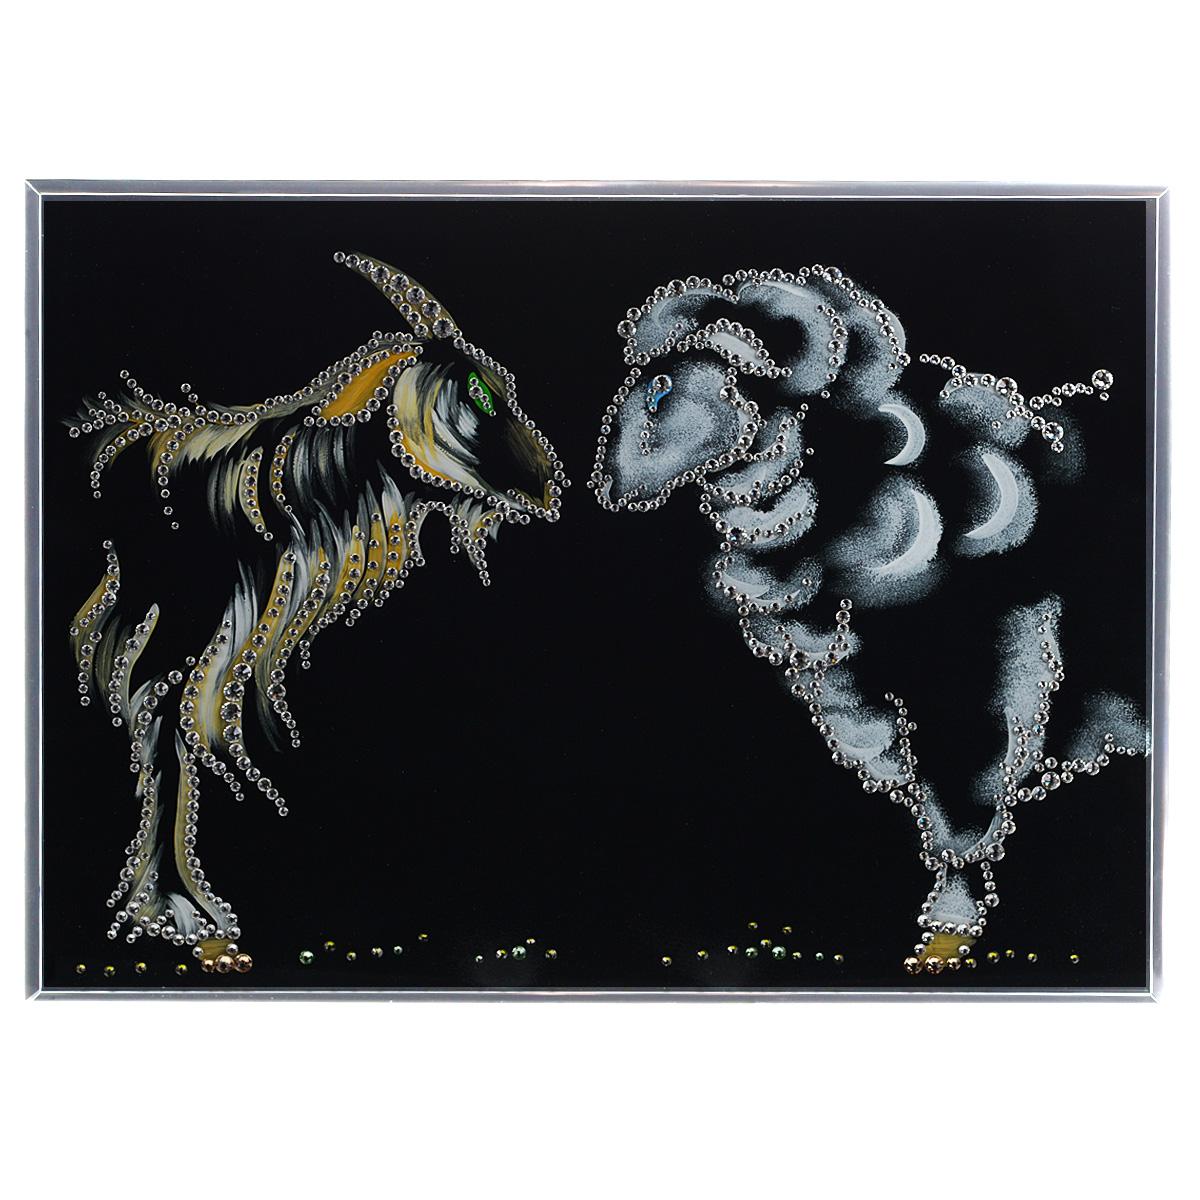 Картина с кристаллами Swarovski Символ 2015, 40 см х 30 см1472Изящная картина в металлической раме, инкрустирована кристаллами Swarovski, которые отличаются четкой и ровной огранкой, ярким блеском и чистотой цвета. Красочное изображение символа 2015 года - овечки и козы, расположенное на внутренней стороне стекла, прекрасно дополняет блеск кристаллов. Под стеклом картина оформлена бархатистой тканью черного цвета. С обратной стороны имеется металлическая петелька для размещения картины на стене. Картина с кристаллами Swarovski Символ 2015 элегантно украсит интерьер дома или офиса, а также станет прекрасным подарком, который обязательно понравится получателю. Блеск кристаллов в интерьере, что может быть сказочнее и удивительнее. Картина упакована в подарочную картонную коробку синего цвета и комплектуется сертификатом соответствия Swarovski.